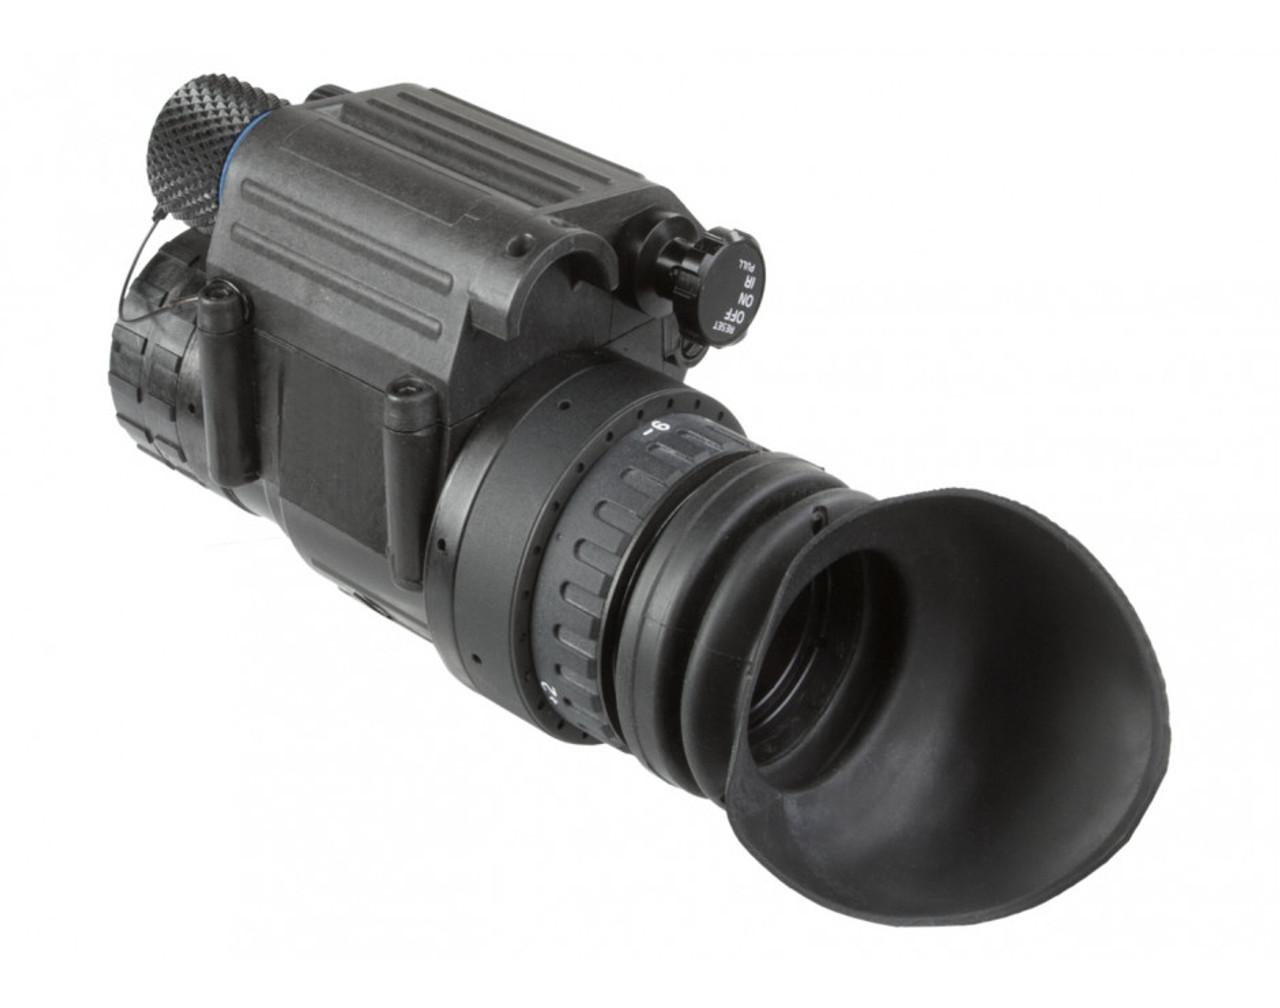 """AGM PVS-14 NL2 Night Vision Monocular Gen 2+ """"Level 2"""" (AGM PVS-14 NL2)"""